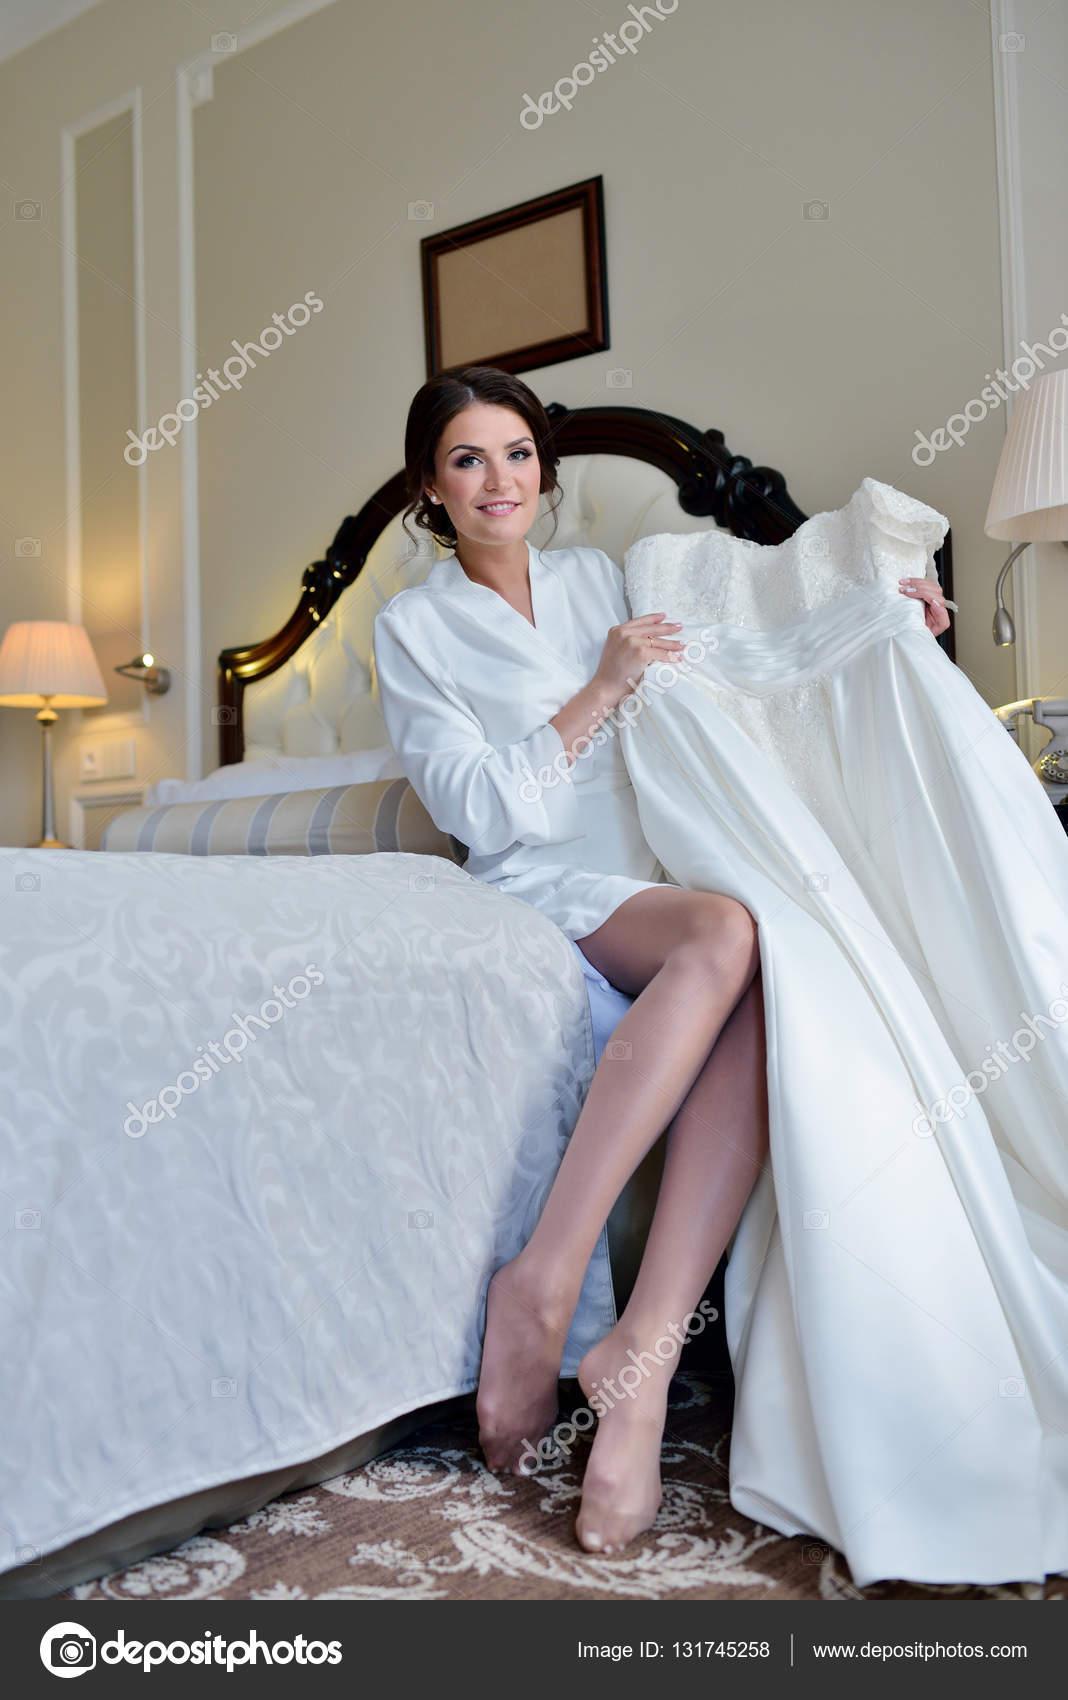 Ver Vestido de novia — Foto de stock © pvstory #131745258